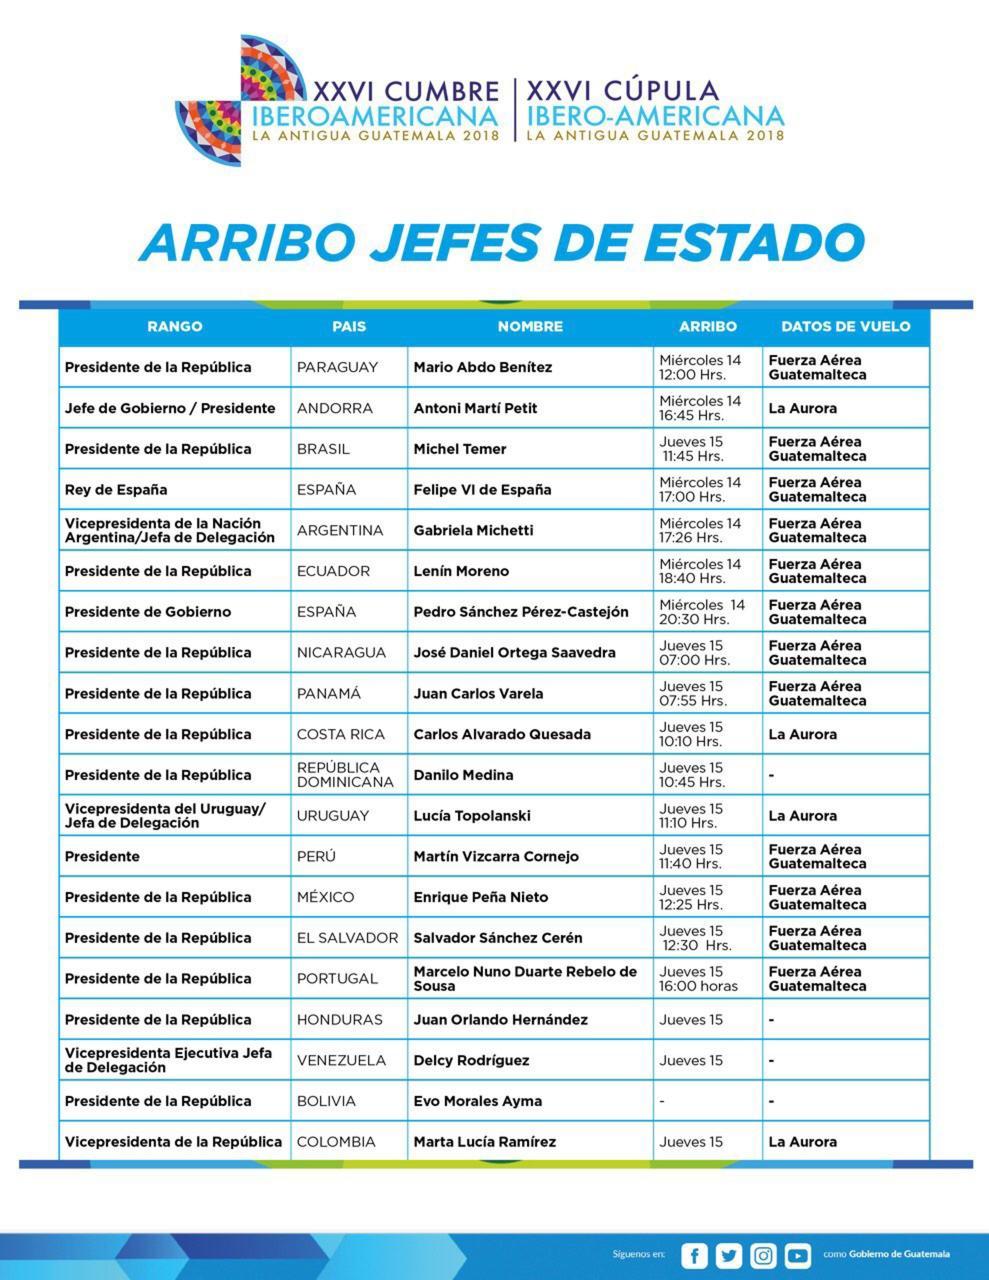 A las 7:00 AM tiene previsto llegar Daniel Ortega a Guatemala